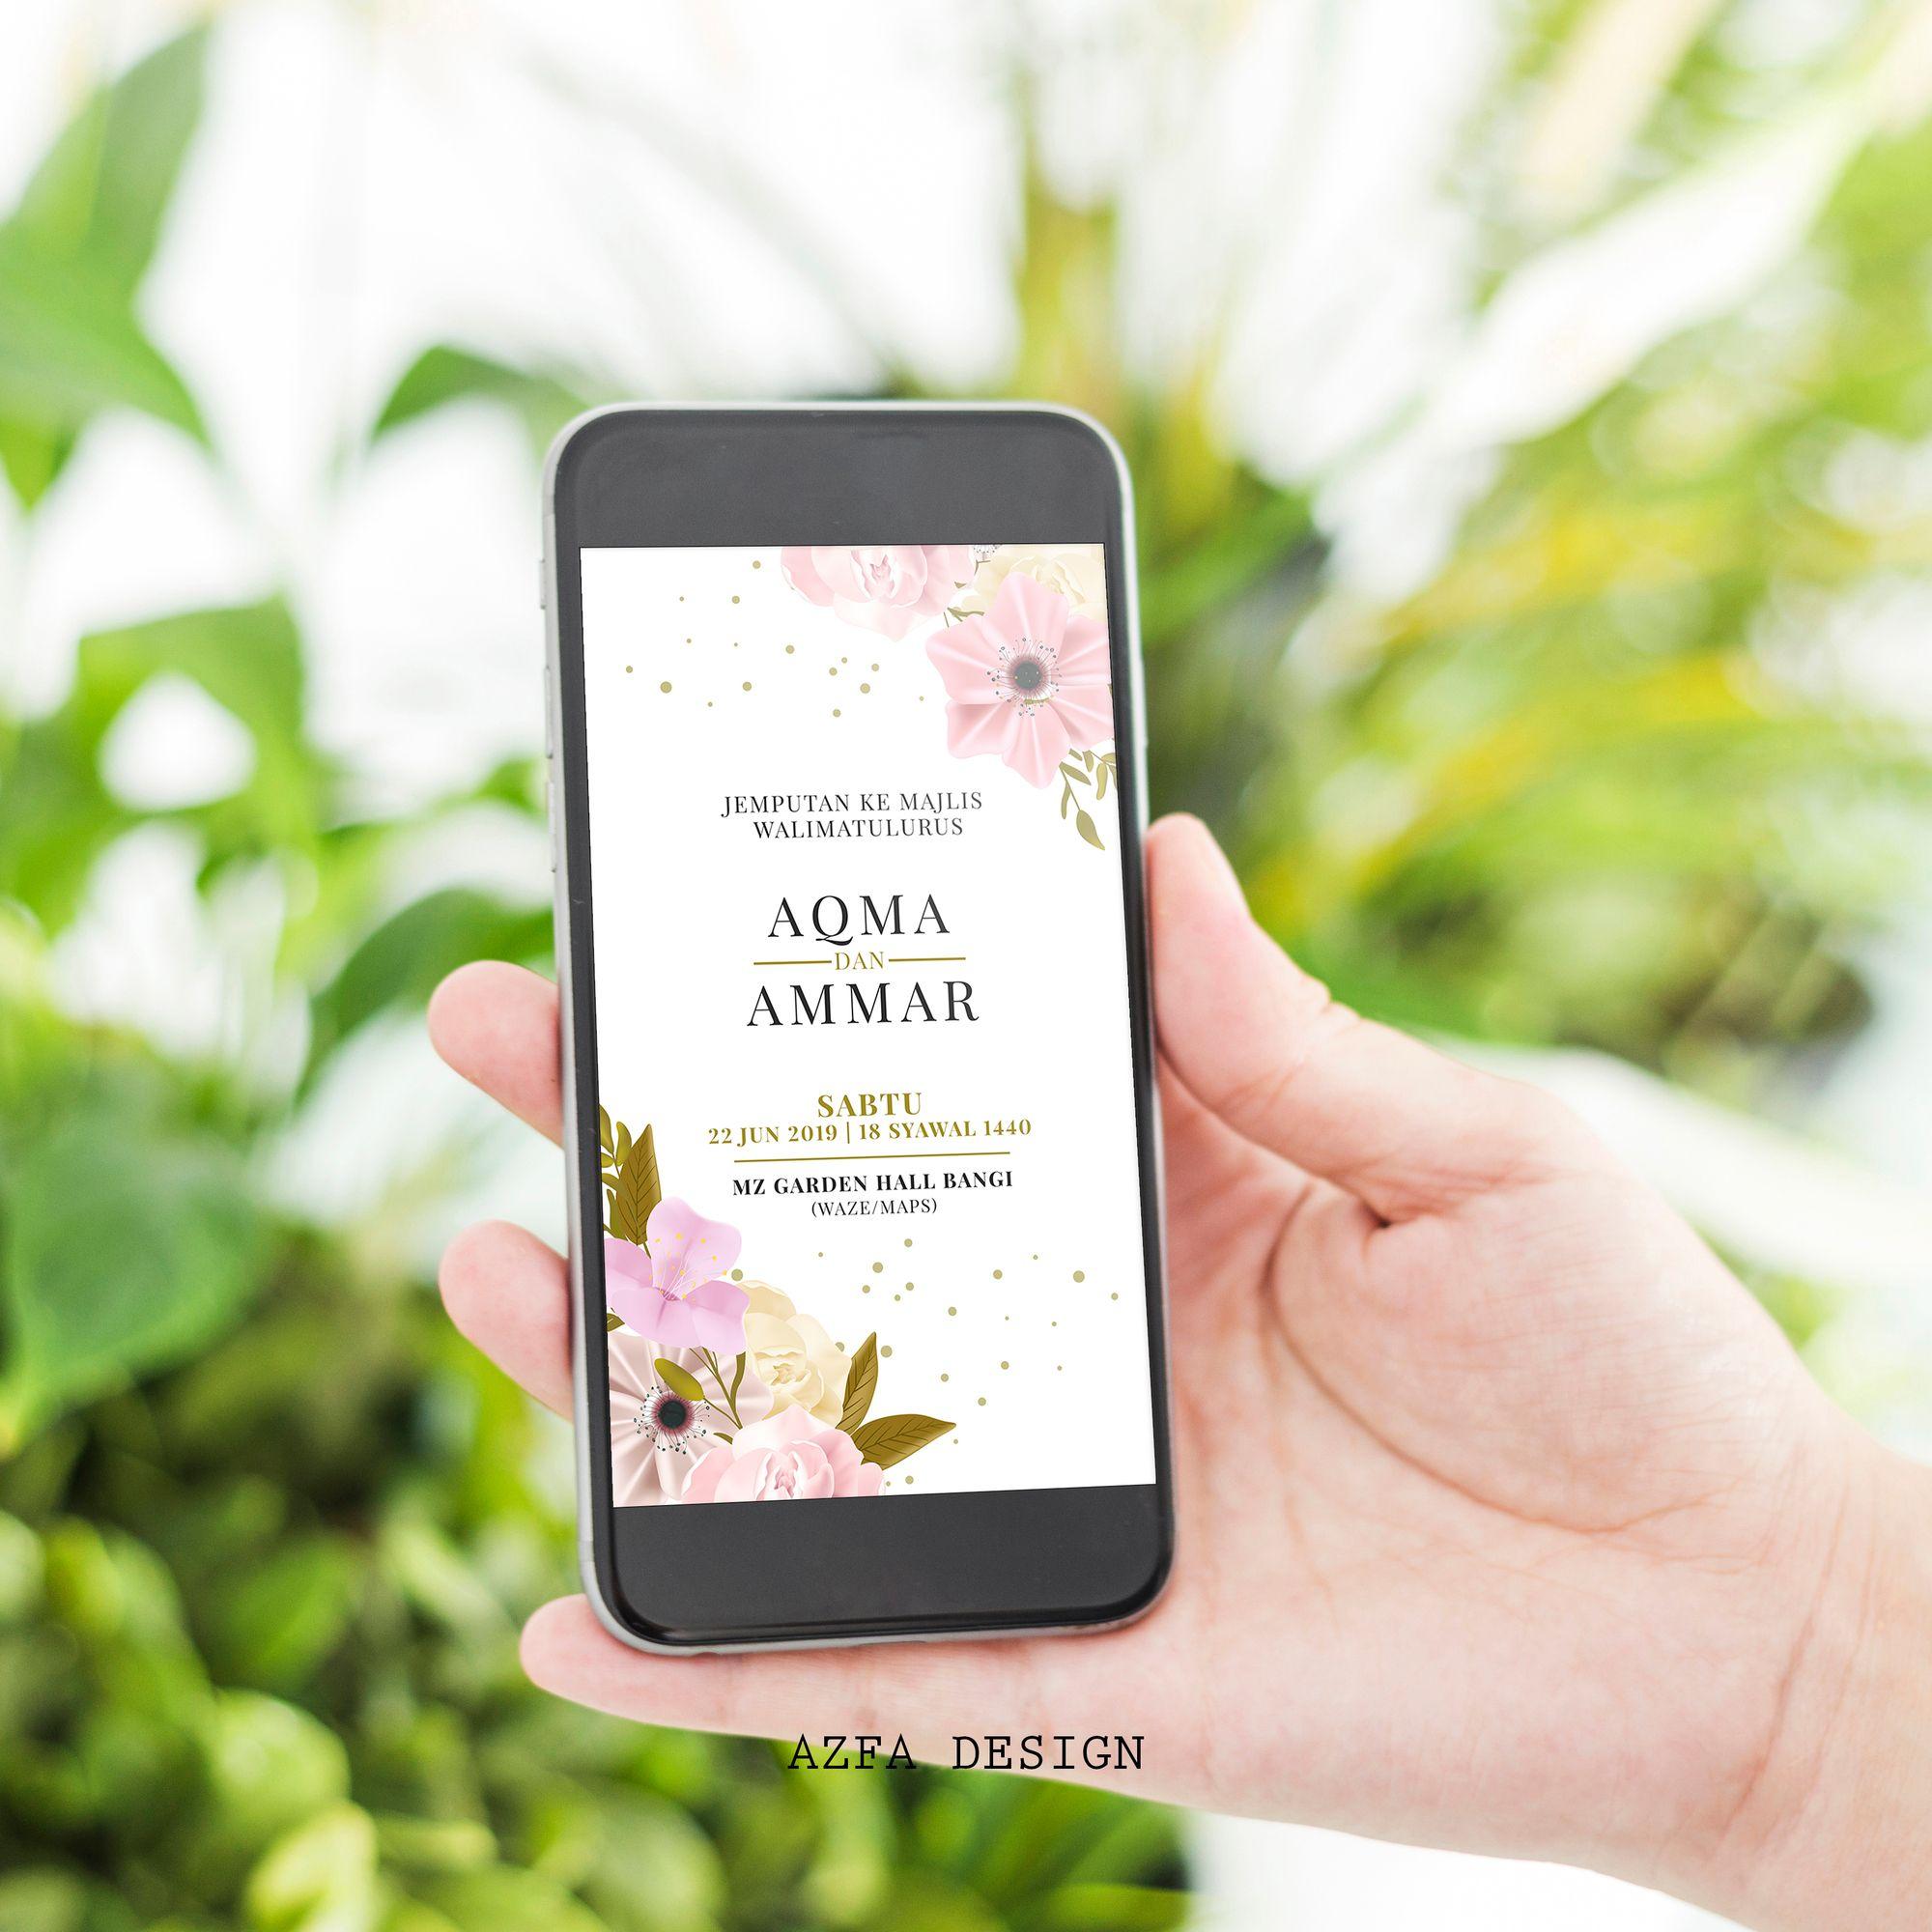 Azfadesign Kadkahwin Zaman It Ni Semua Nak Pakai Phone Kadang Nak Undang Tetamu Untuk Ke Majlis Kahwin Kita Pun B Blackberry Phone Invitation Cards Cards